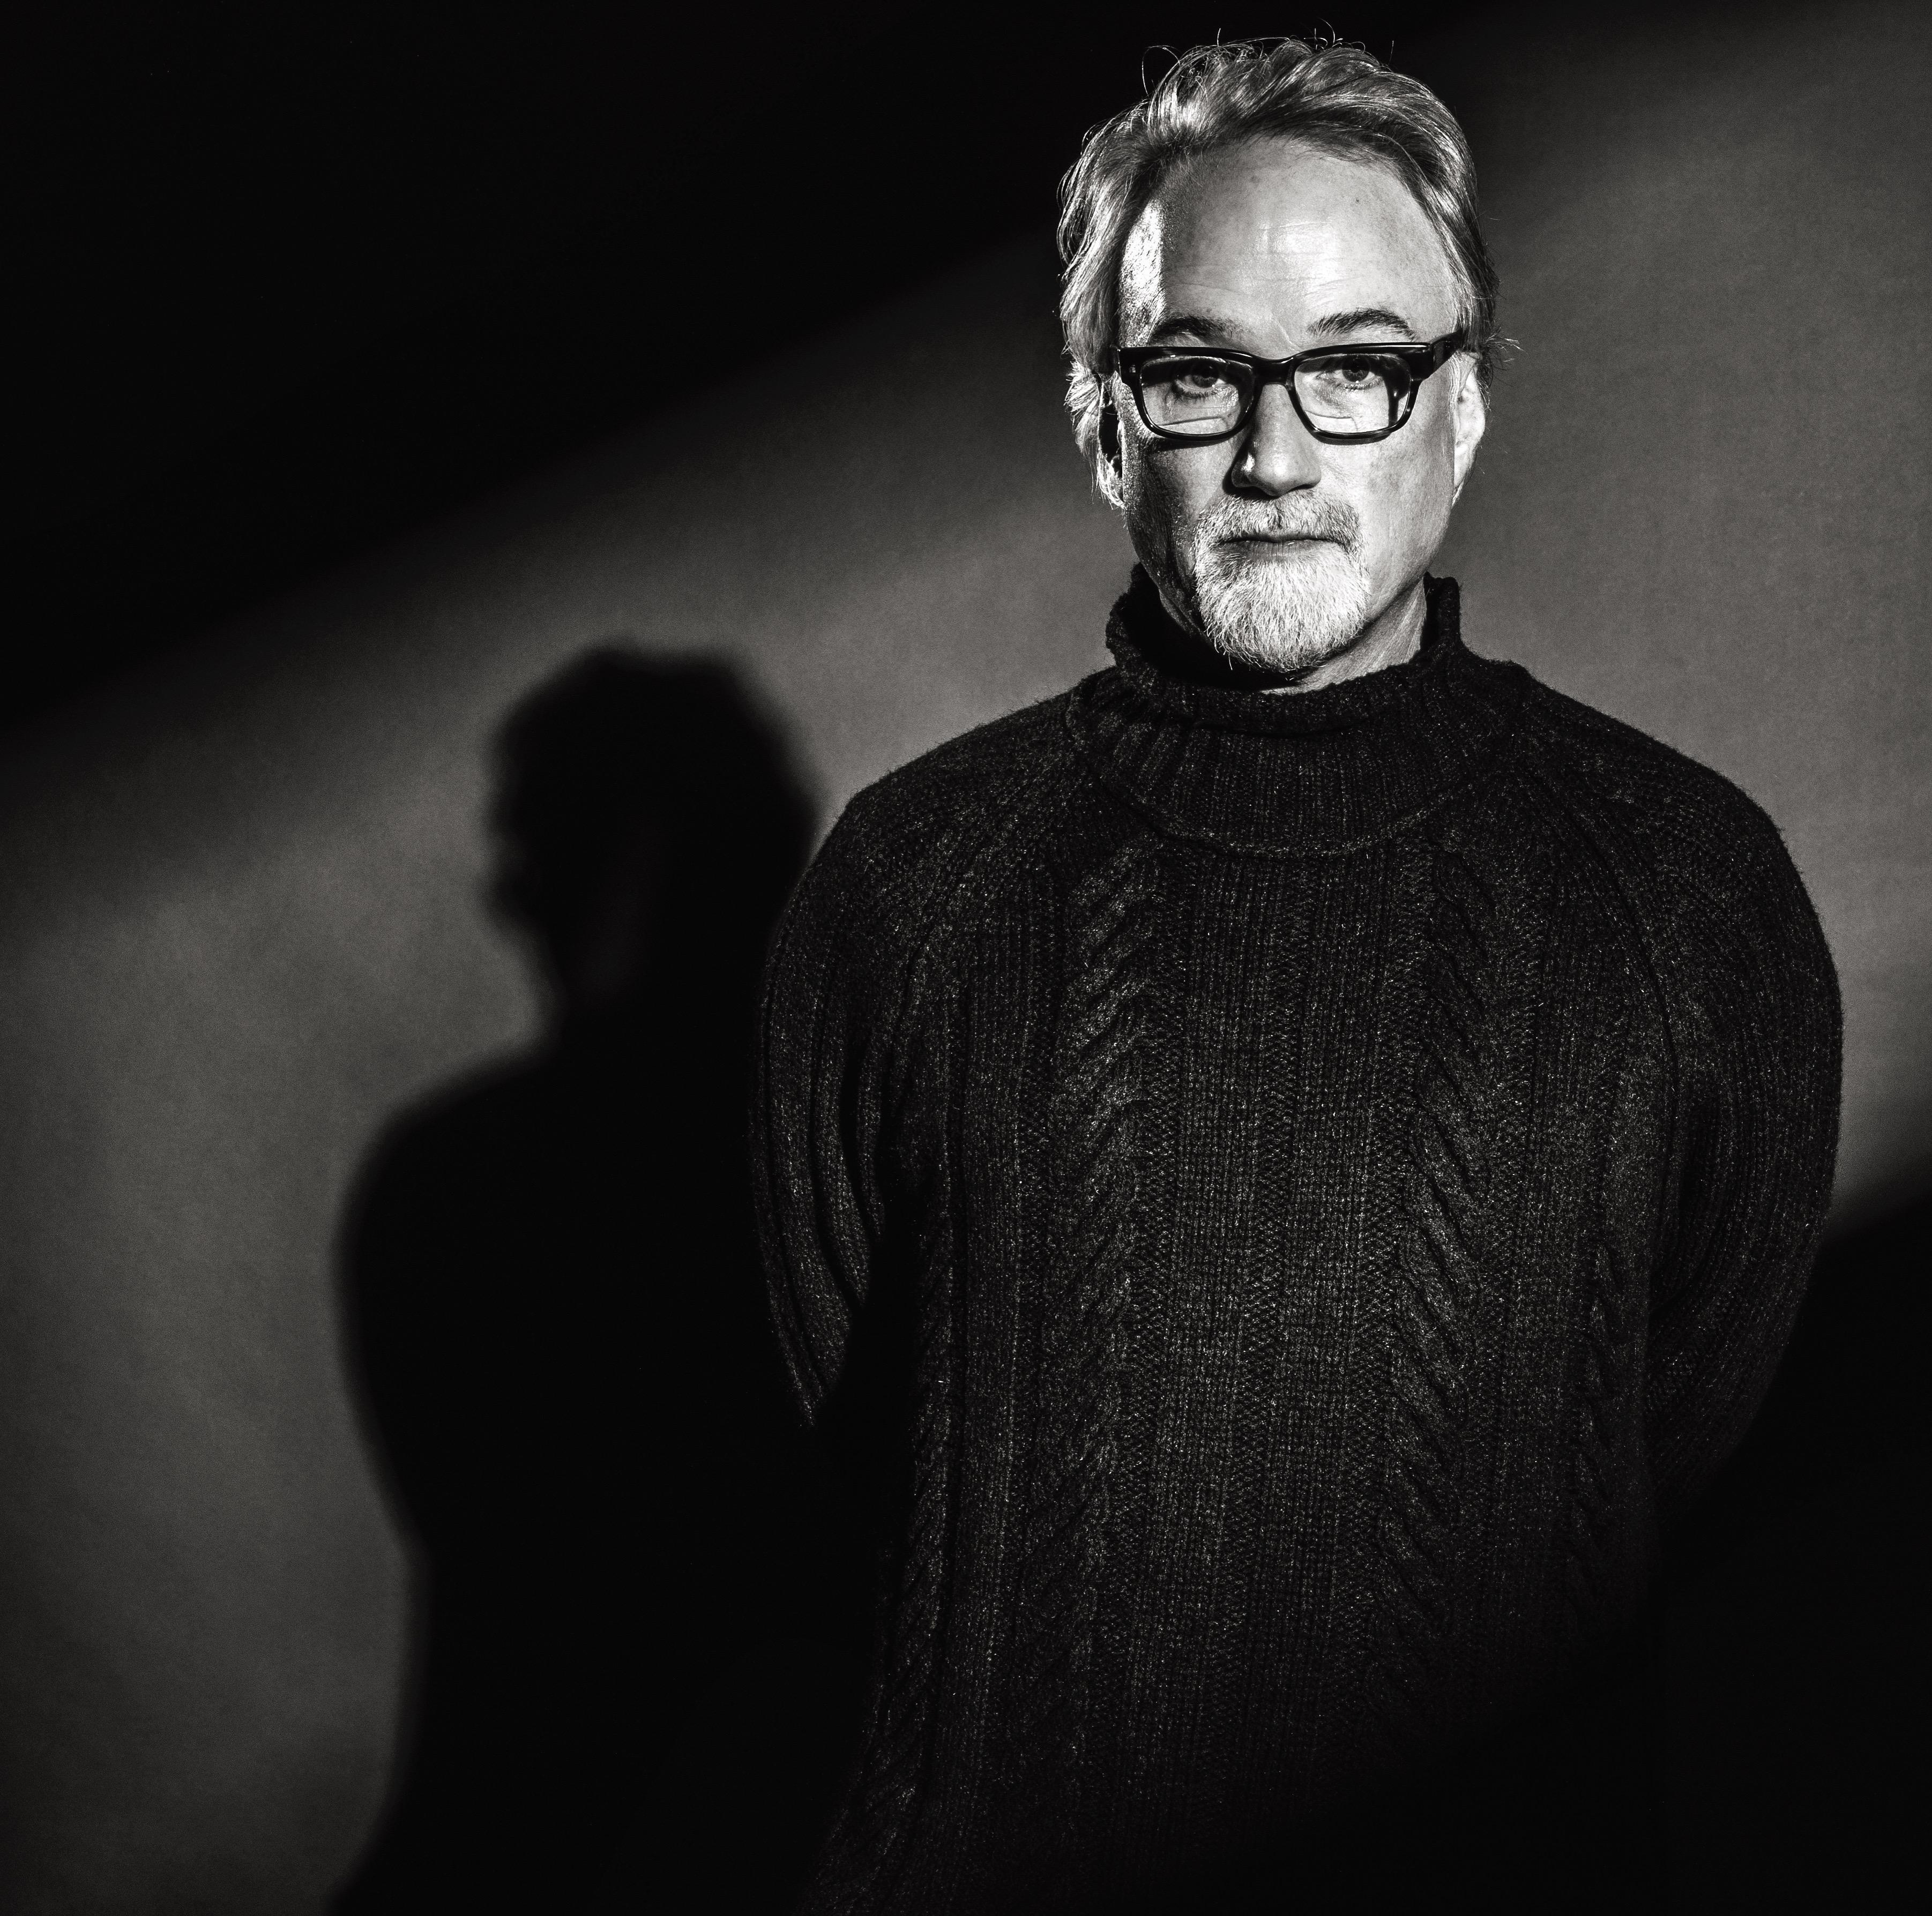 David Fincher, Filmmaker